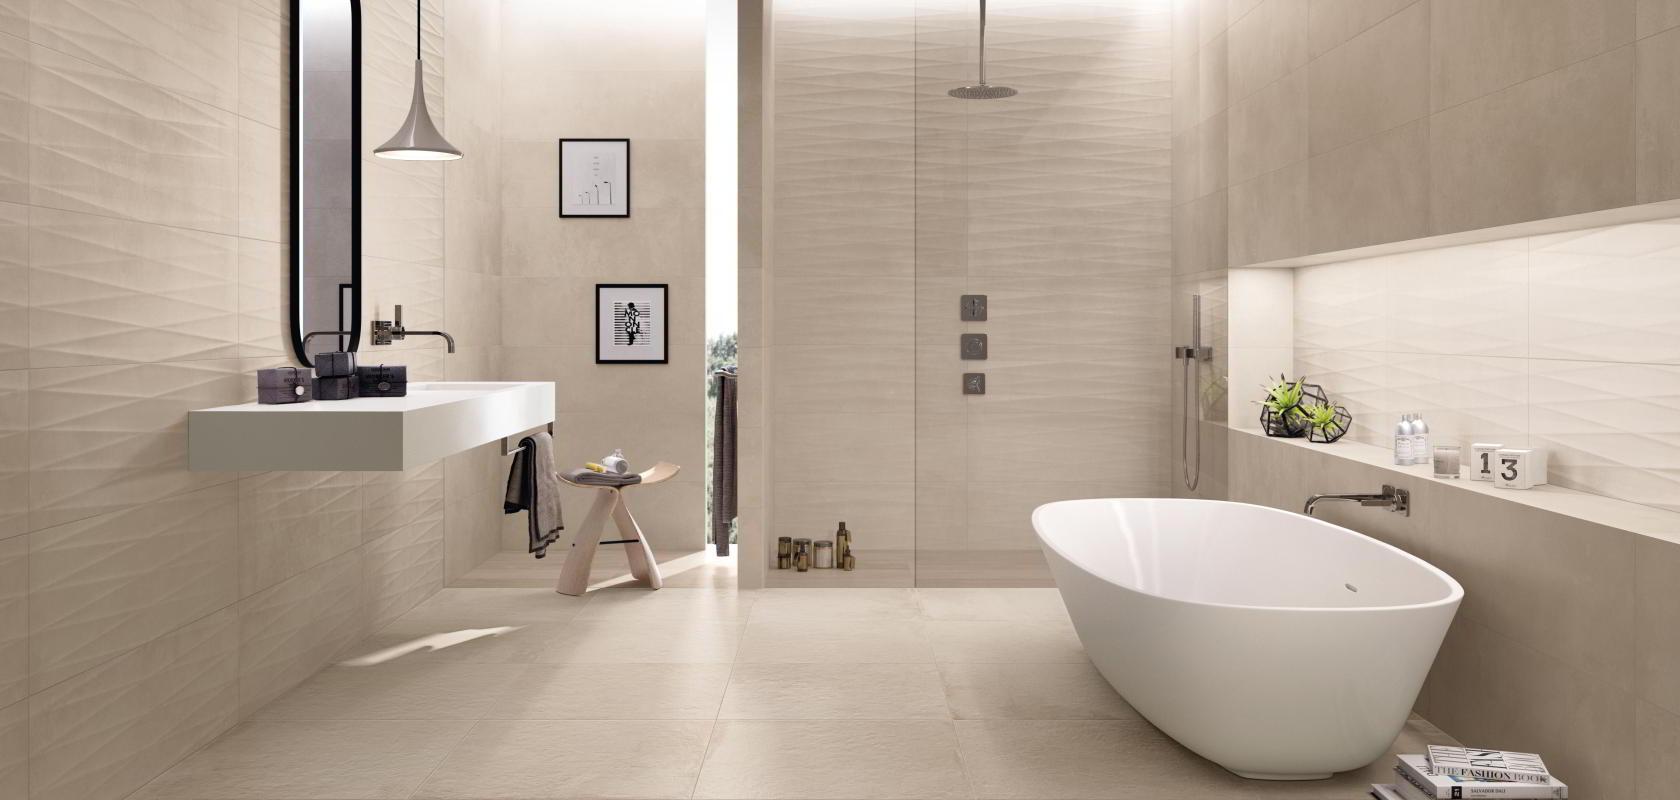 pavimenti e rivestimenti bagno classico ~ Comarg.com = Lussuoso ...